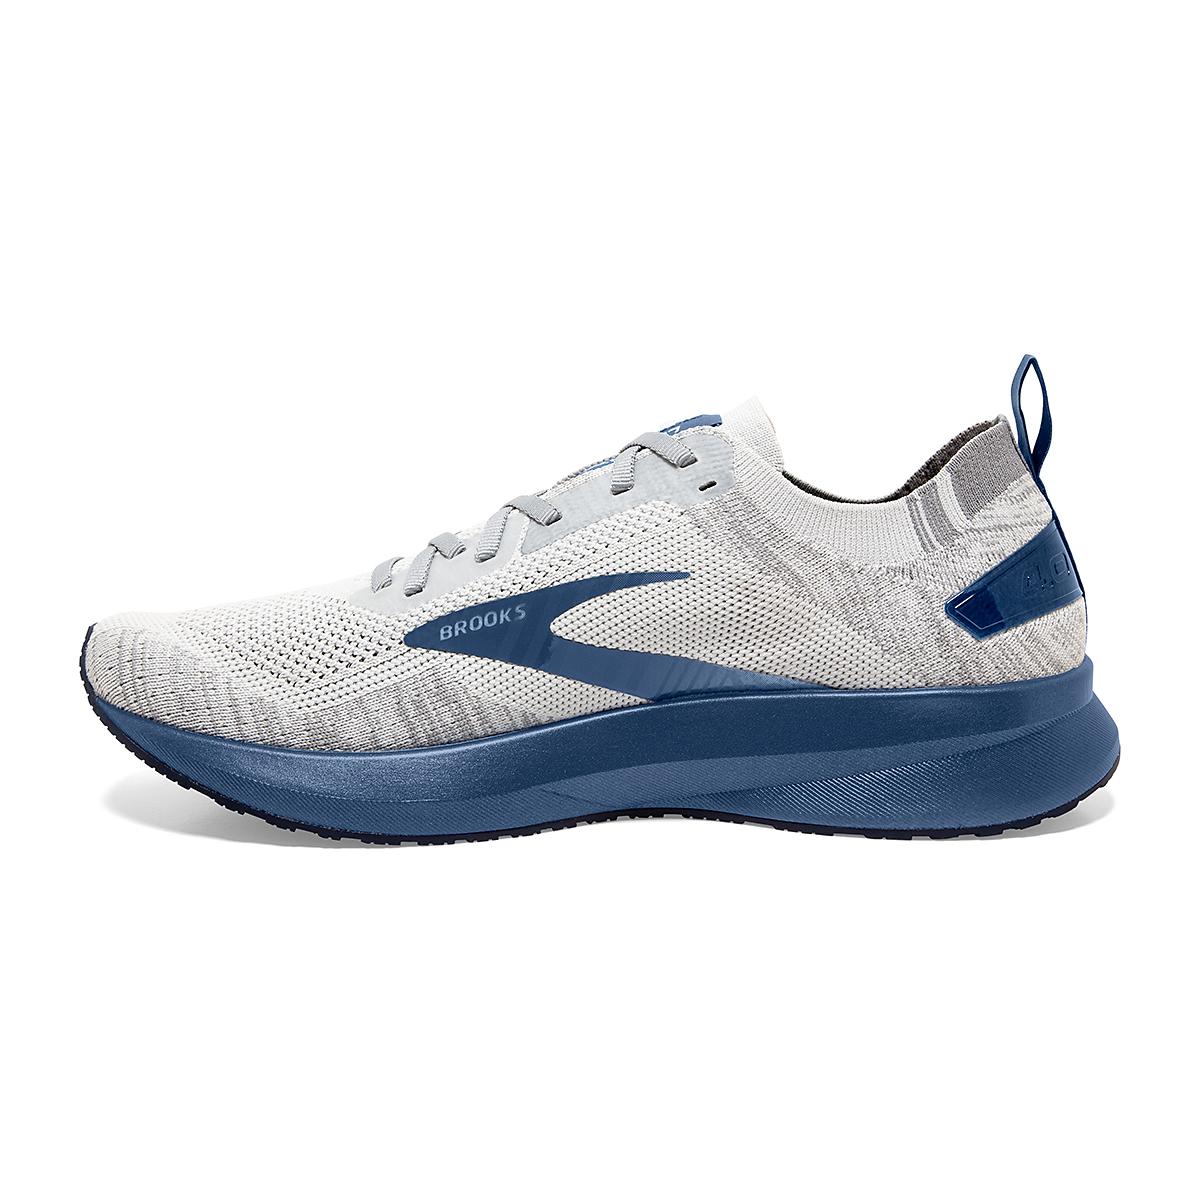 Men's Brooks Levitate 4 Running Shoe - Color: Grey/Oyster/Blue - Size: 7 - Width: Regular, Grey/Oyster/Blue, large, image 1